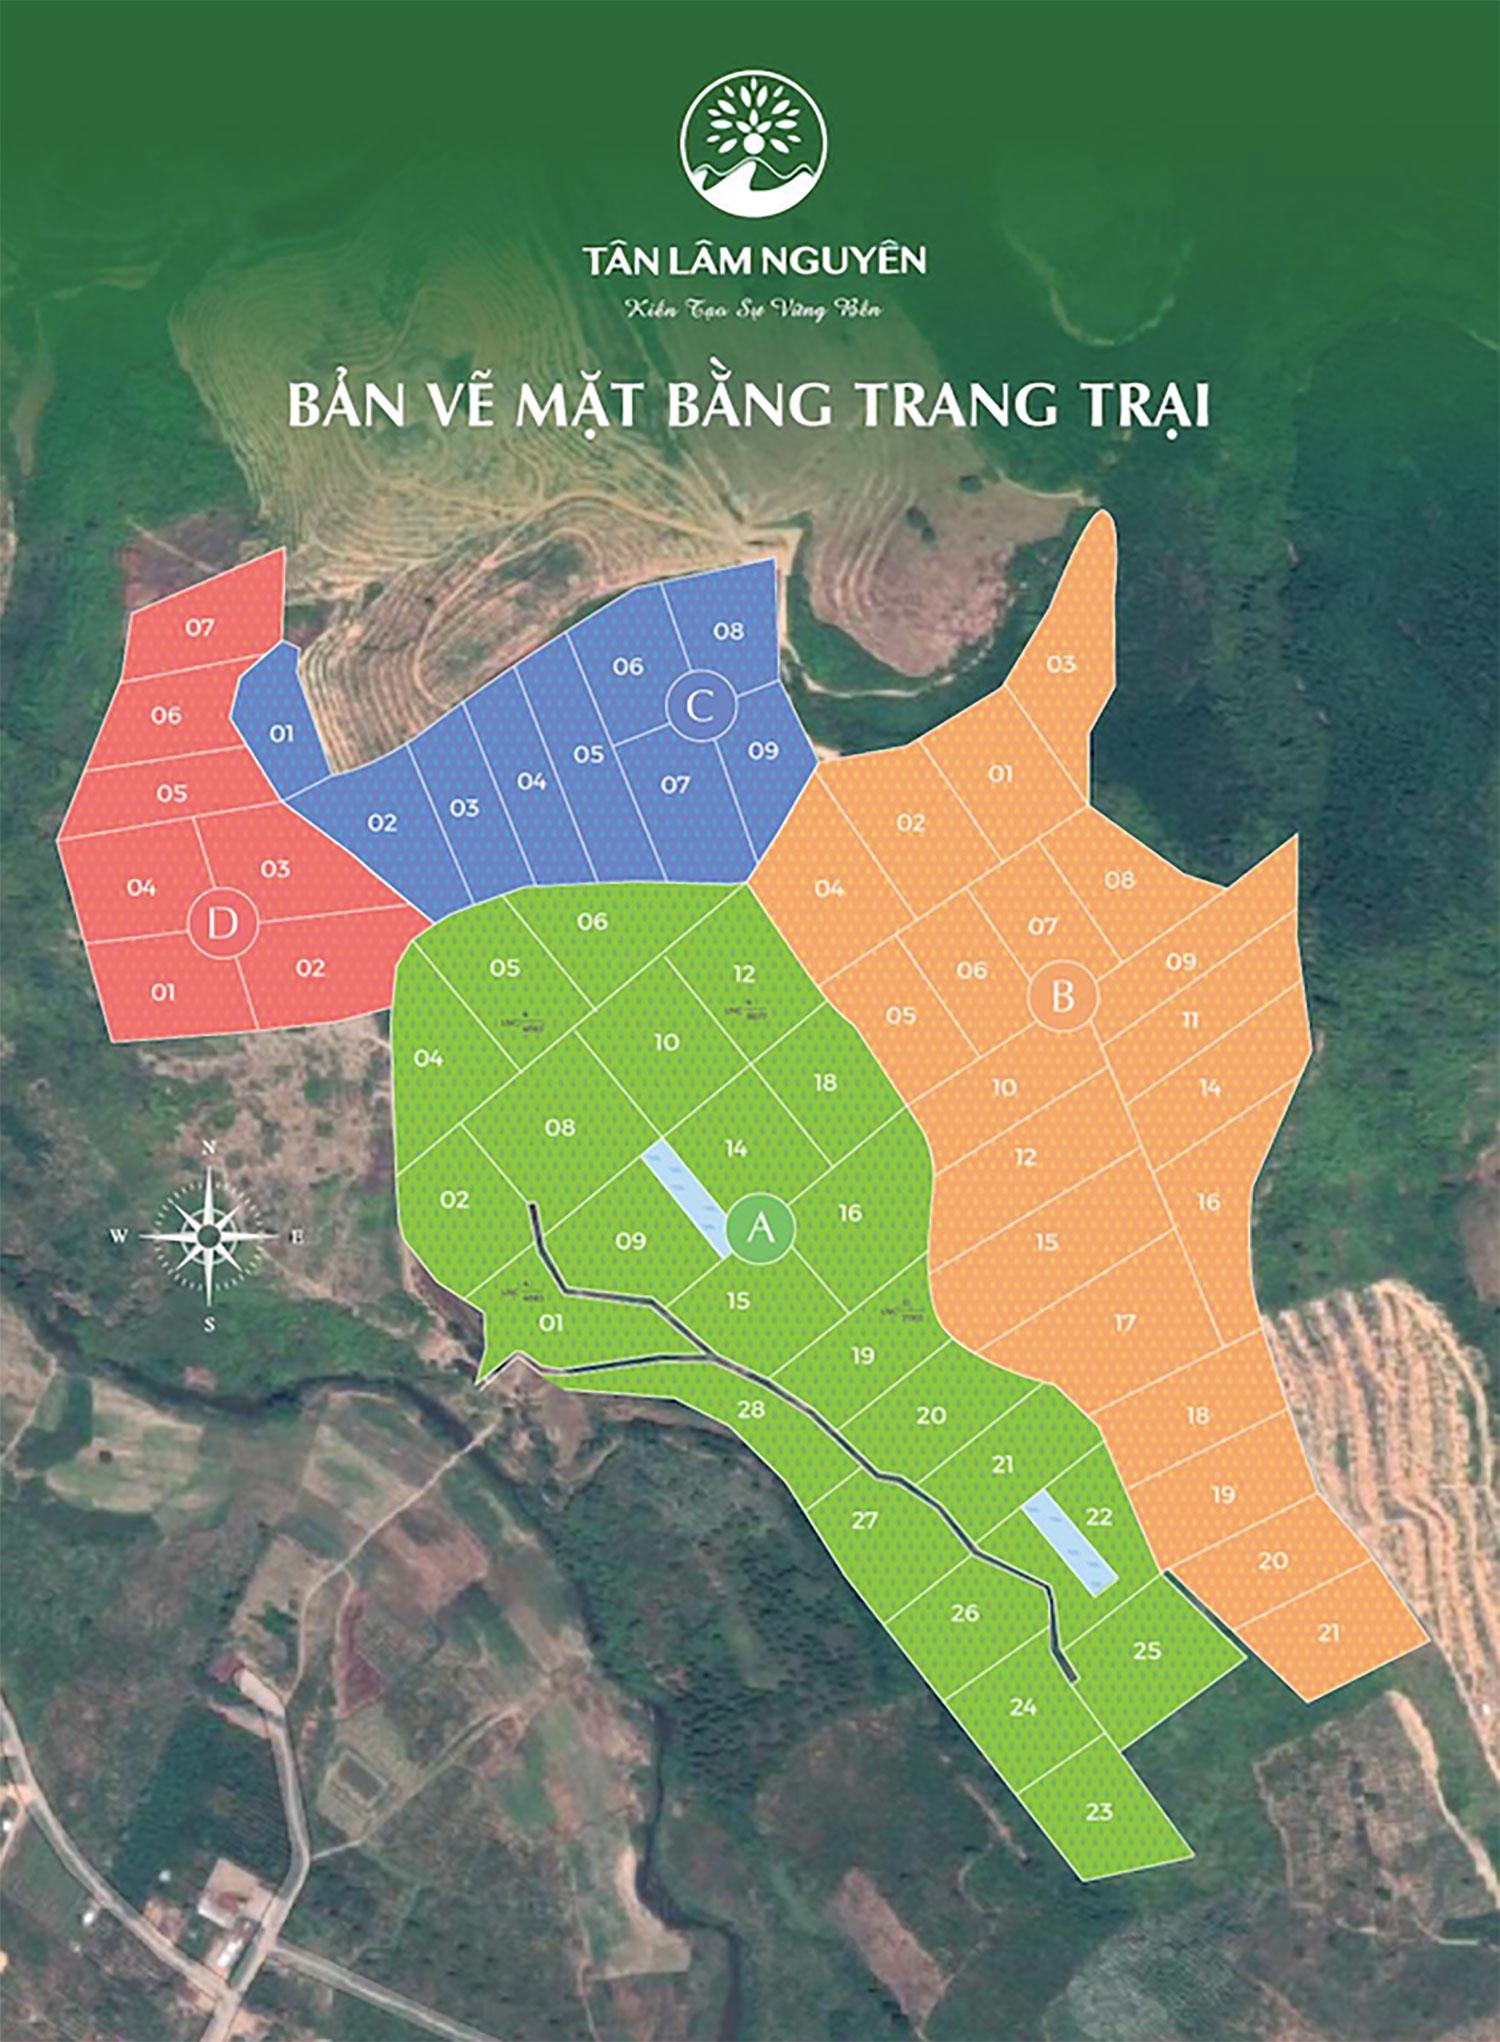 Tổng mặt bằng trang trại Tân Lâm Nguyên